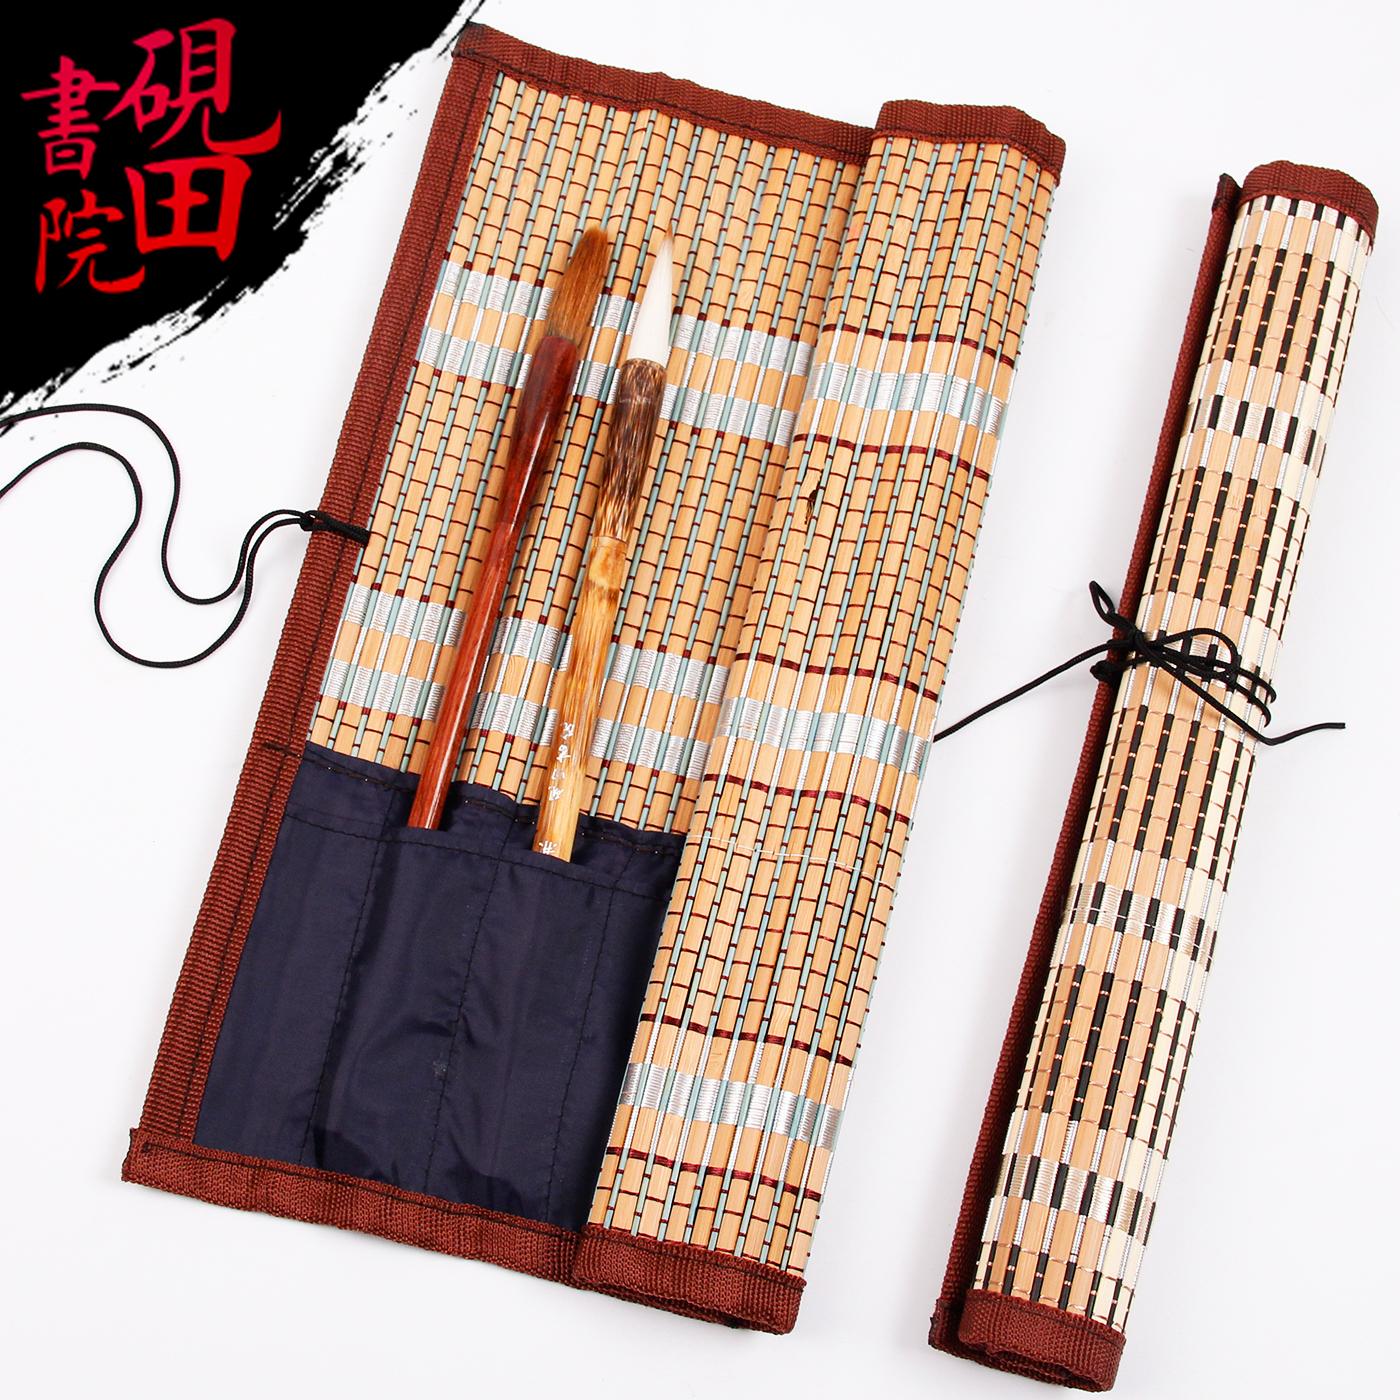 Чернила камень поле книга больница кисть карандаш занавес объем релиз кисть из карандаш занавес карандаш подвижный большой размер бамбук занавес древность бамбук кисть мешок